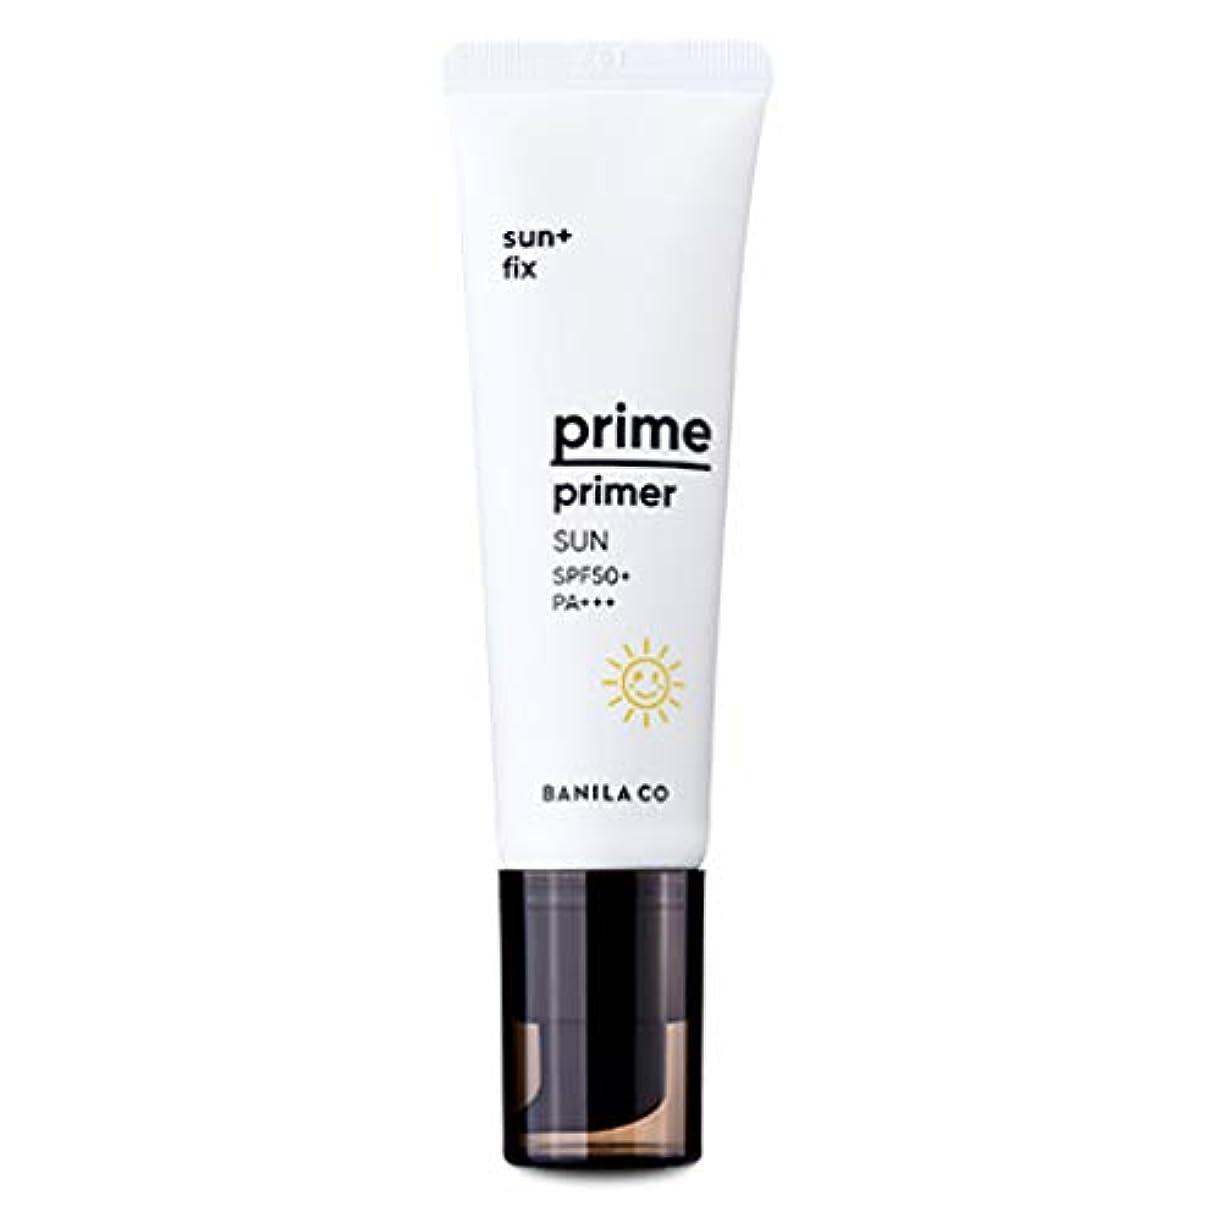 繰り返した稚魚靴下バニラコプライムプライマーサン30mlサンクリーム韓国コスメ、Banila Co Prime Primer Sun 30ml Sun Cream Korean Cosmetics [並行輸入品]